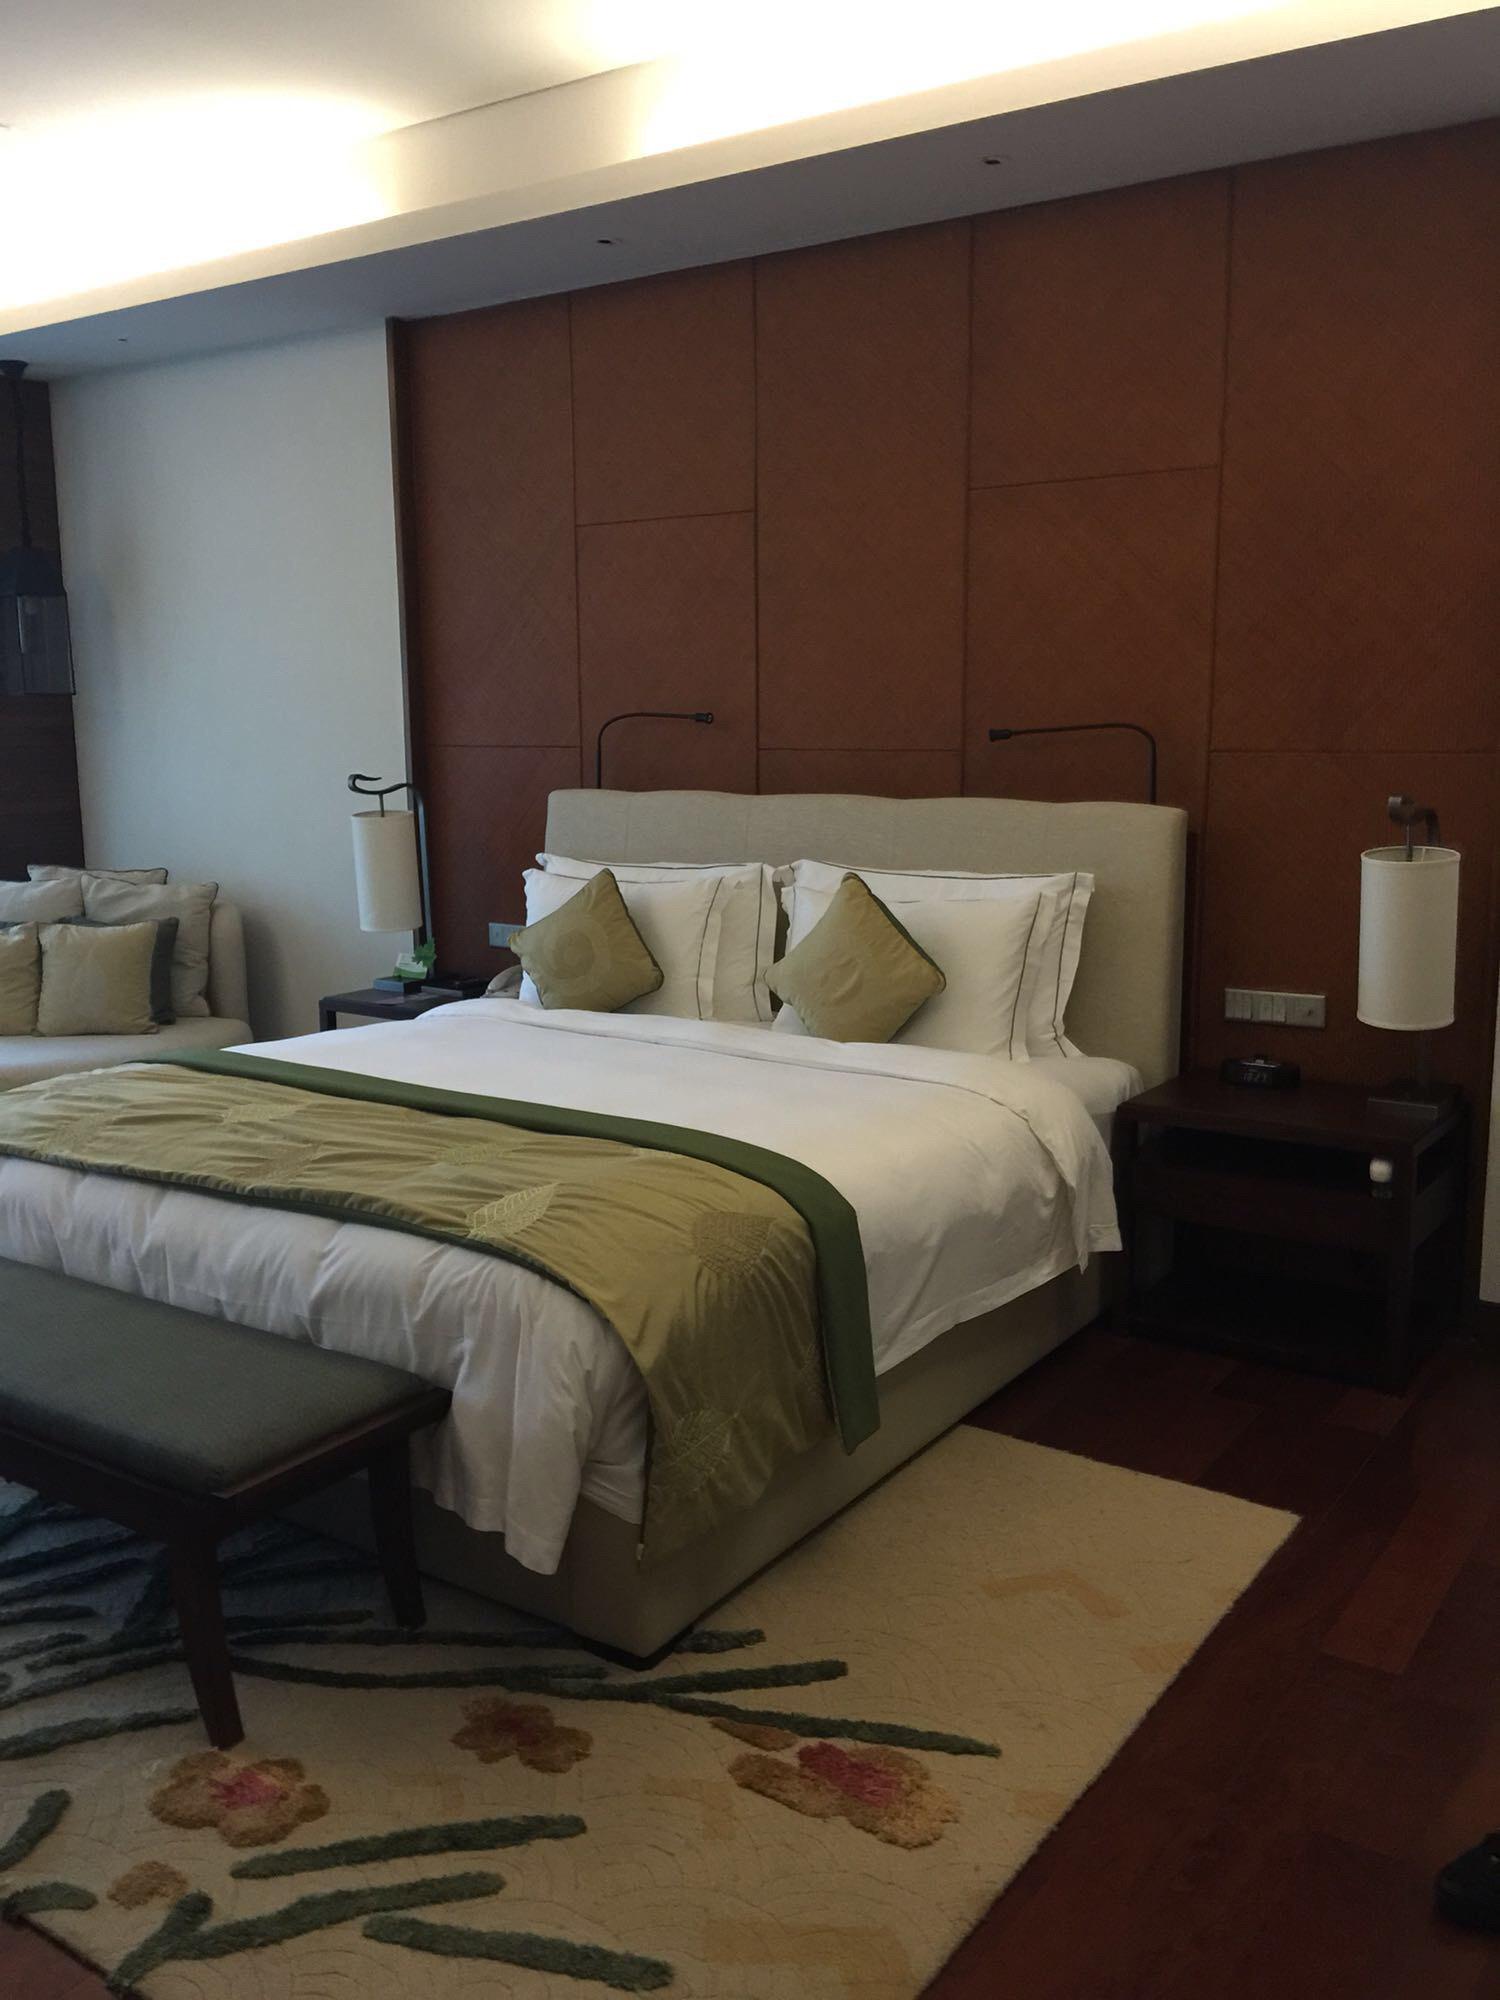 卧室自拍_背景墙 房间 家居 设计 卧室 卧室装修 现代 装修 1500_2000 竖版 竖